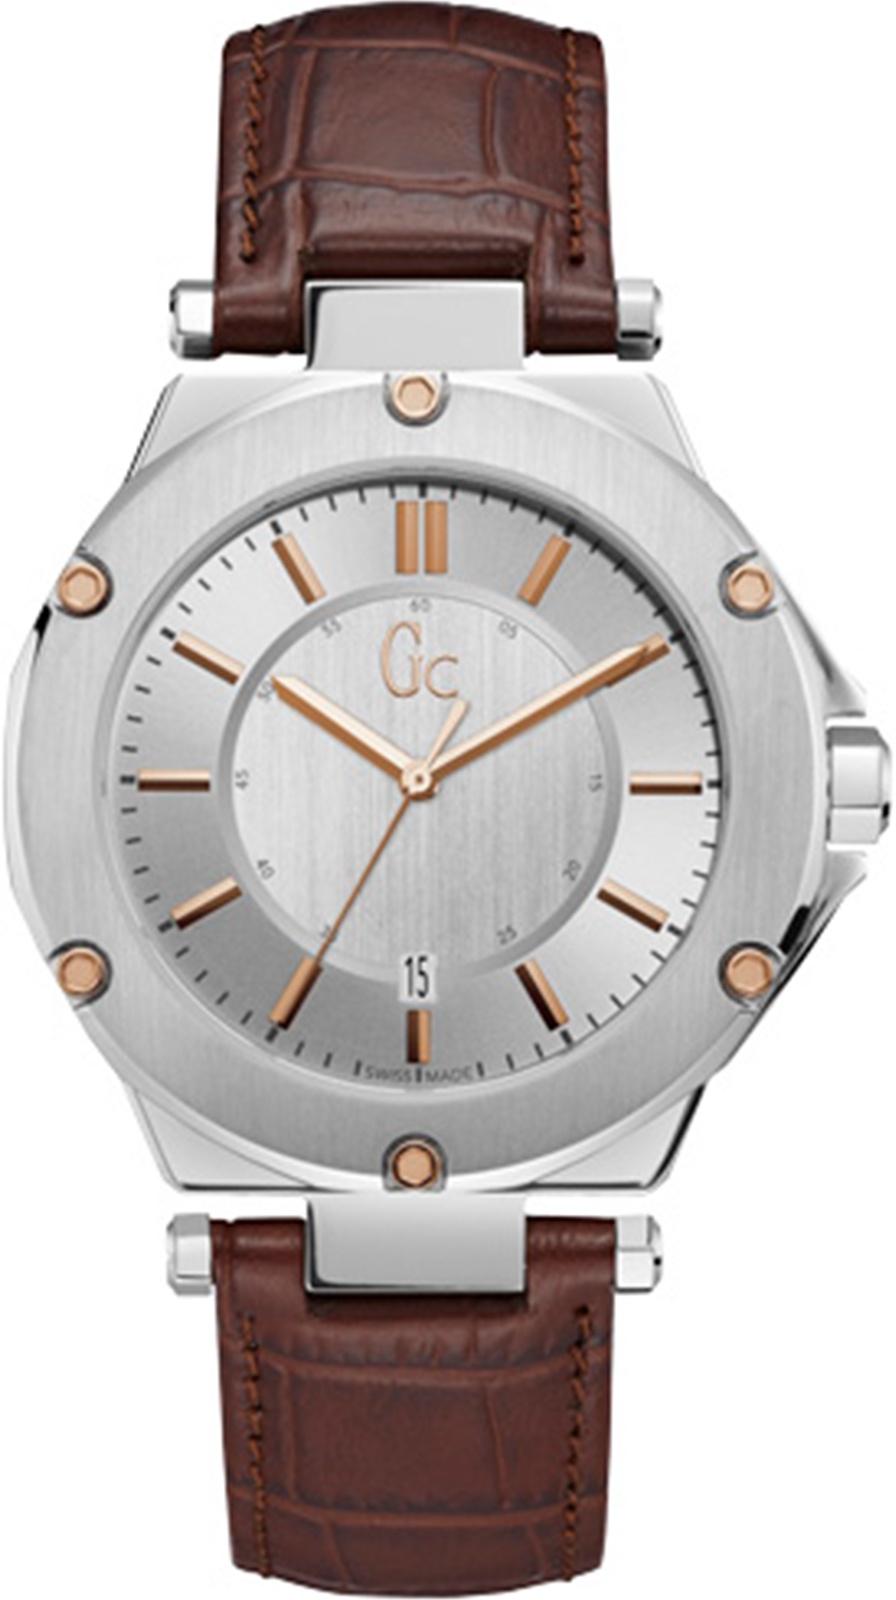 Часы GC Gc-3, коричневый цена